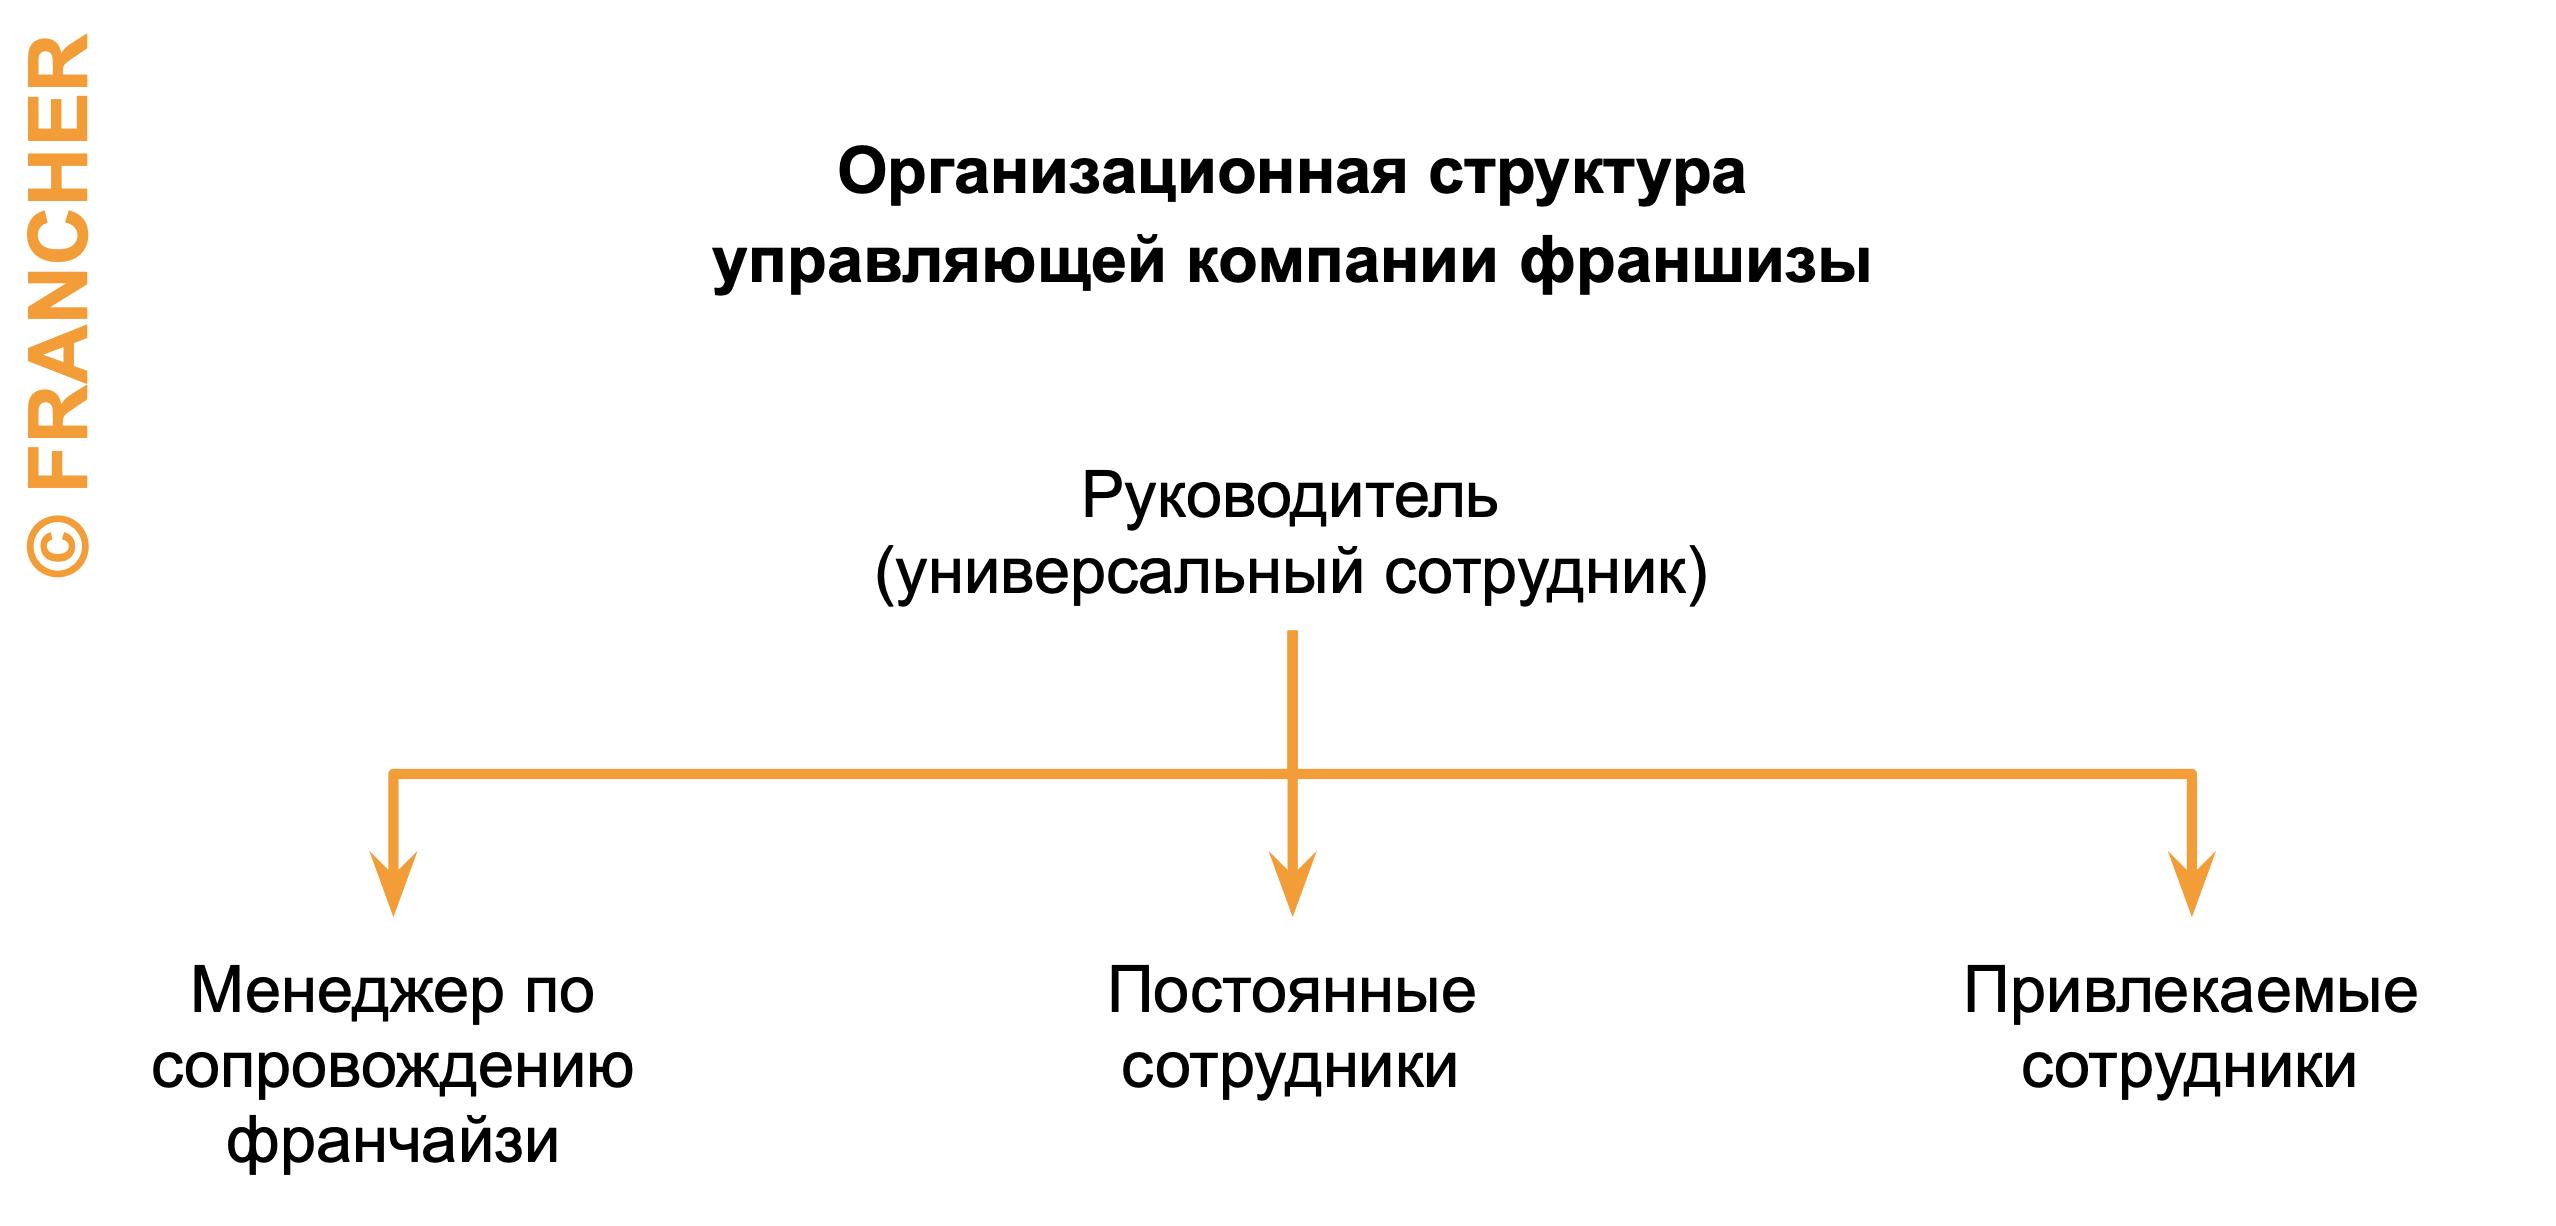 franshiza-otdel-podderzhki-partnerov